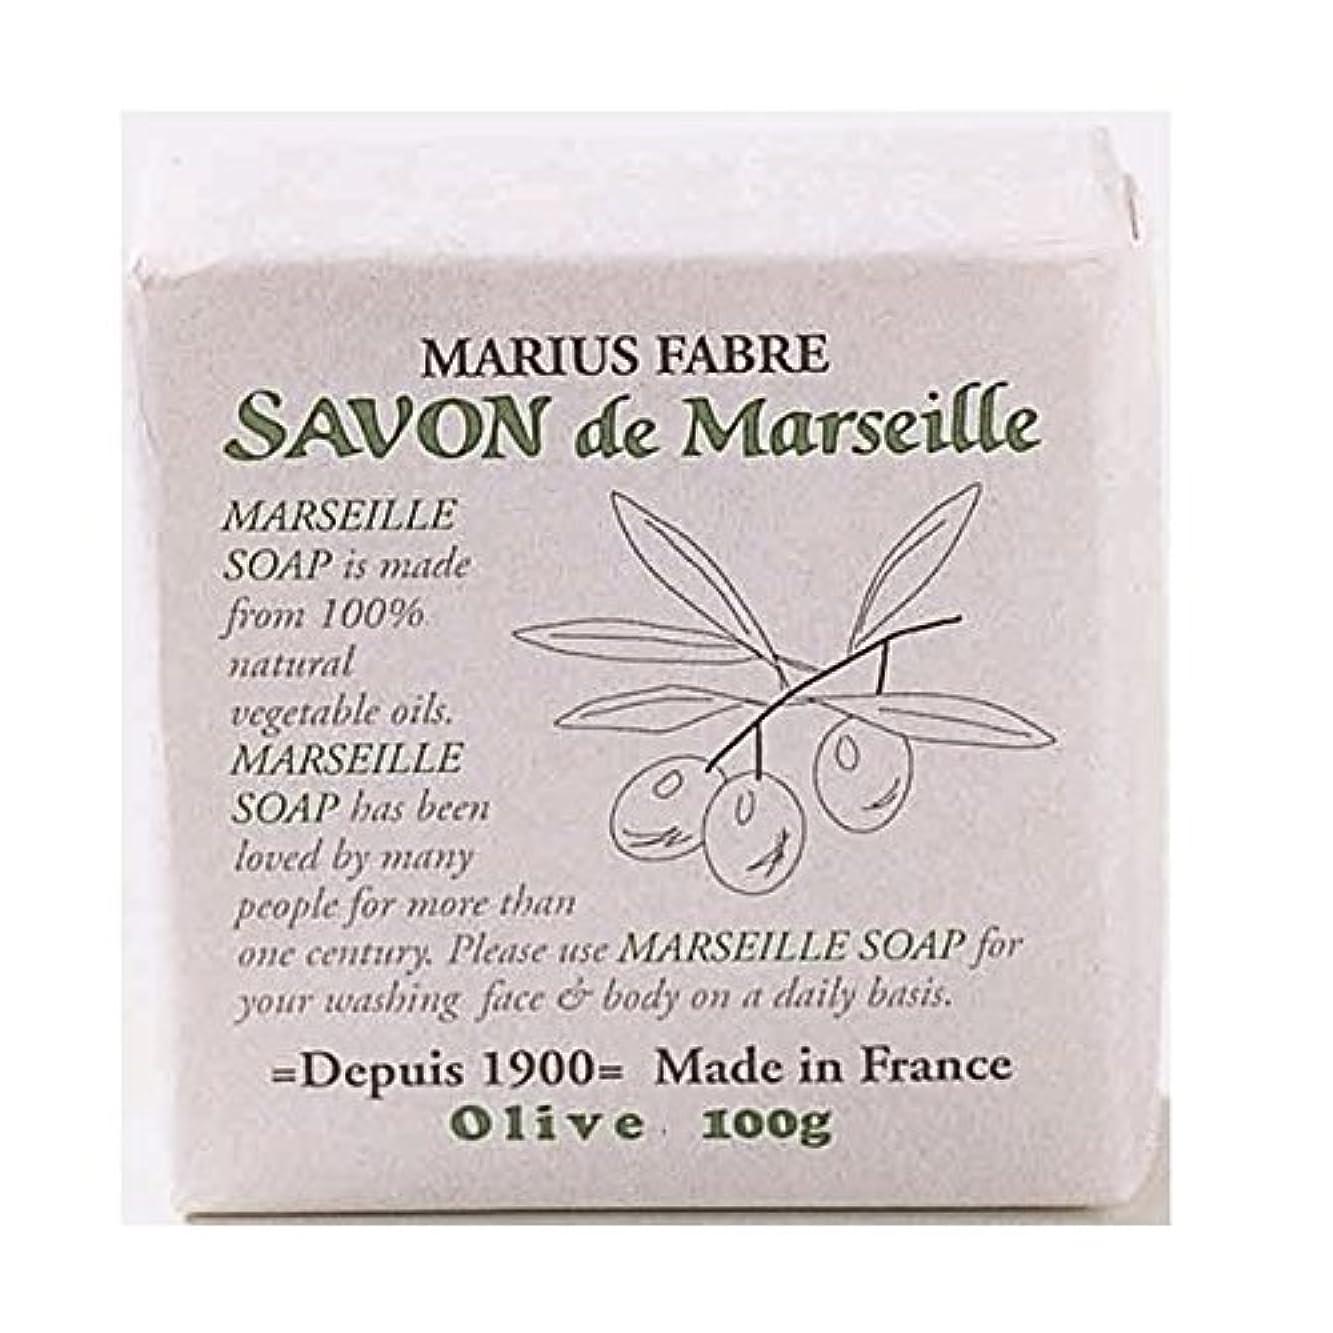 ジョイント会計入口サボンドマルセイユ 無香料 オリーブ石鹸 100g 6個セット マリウスファーブル